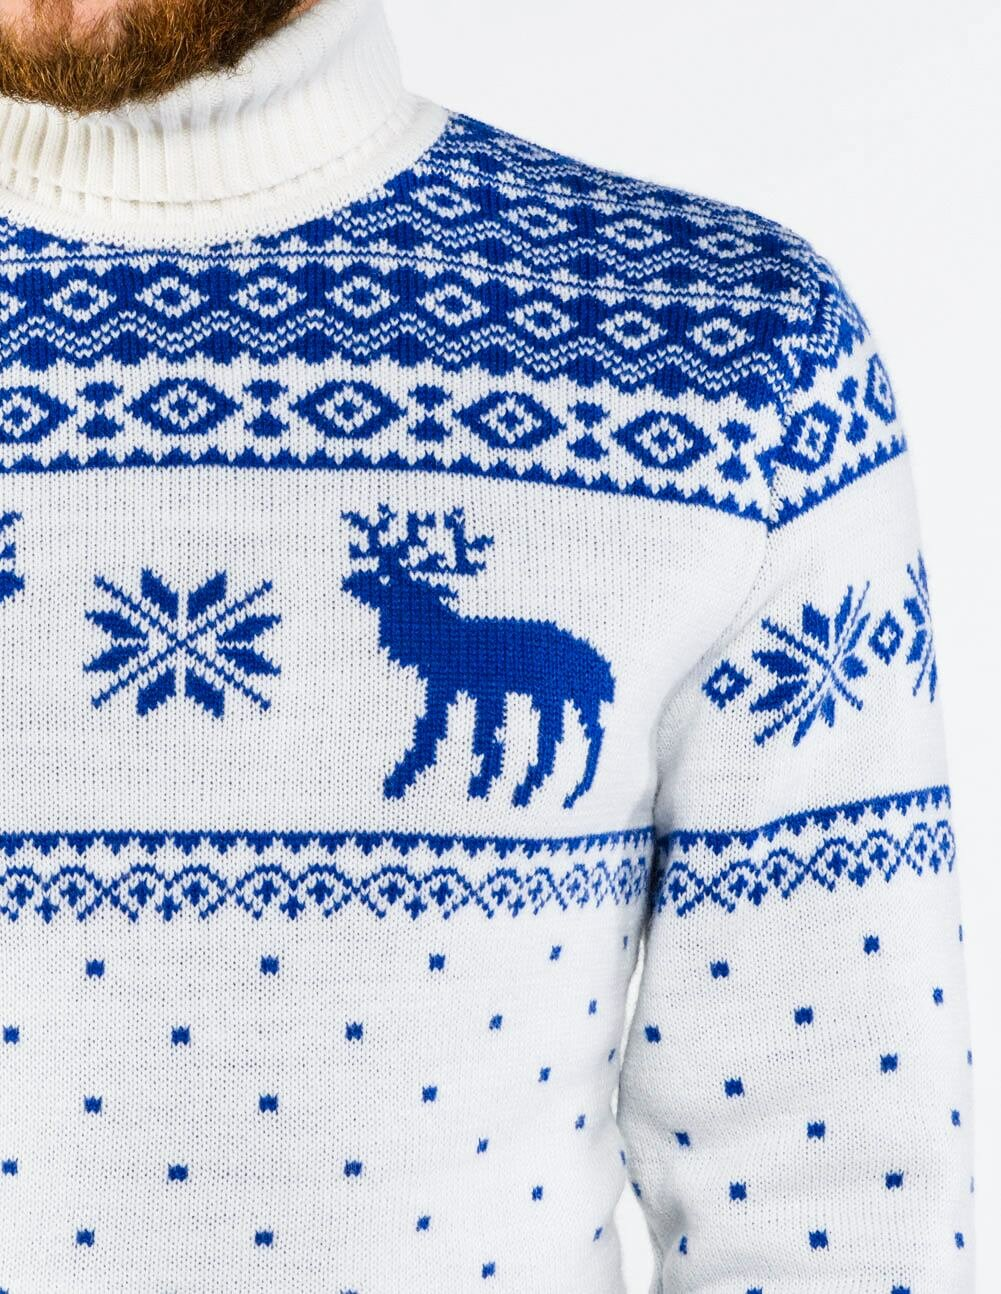 картинки на свитер с оленемер чтобы увидеть